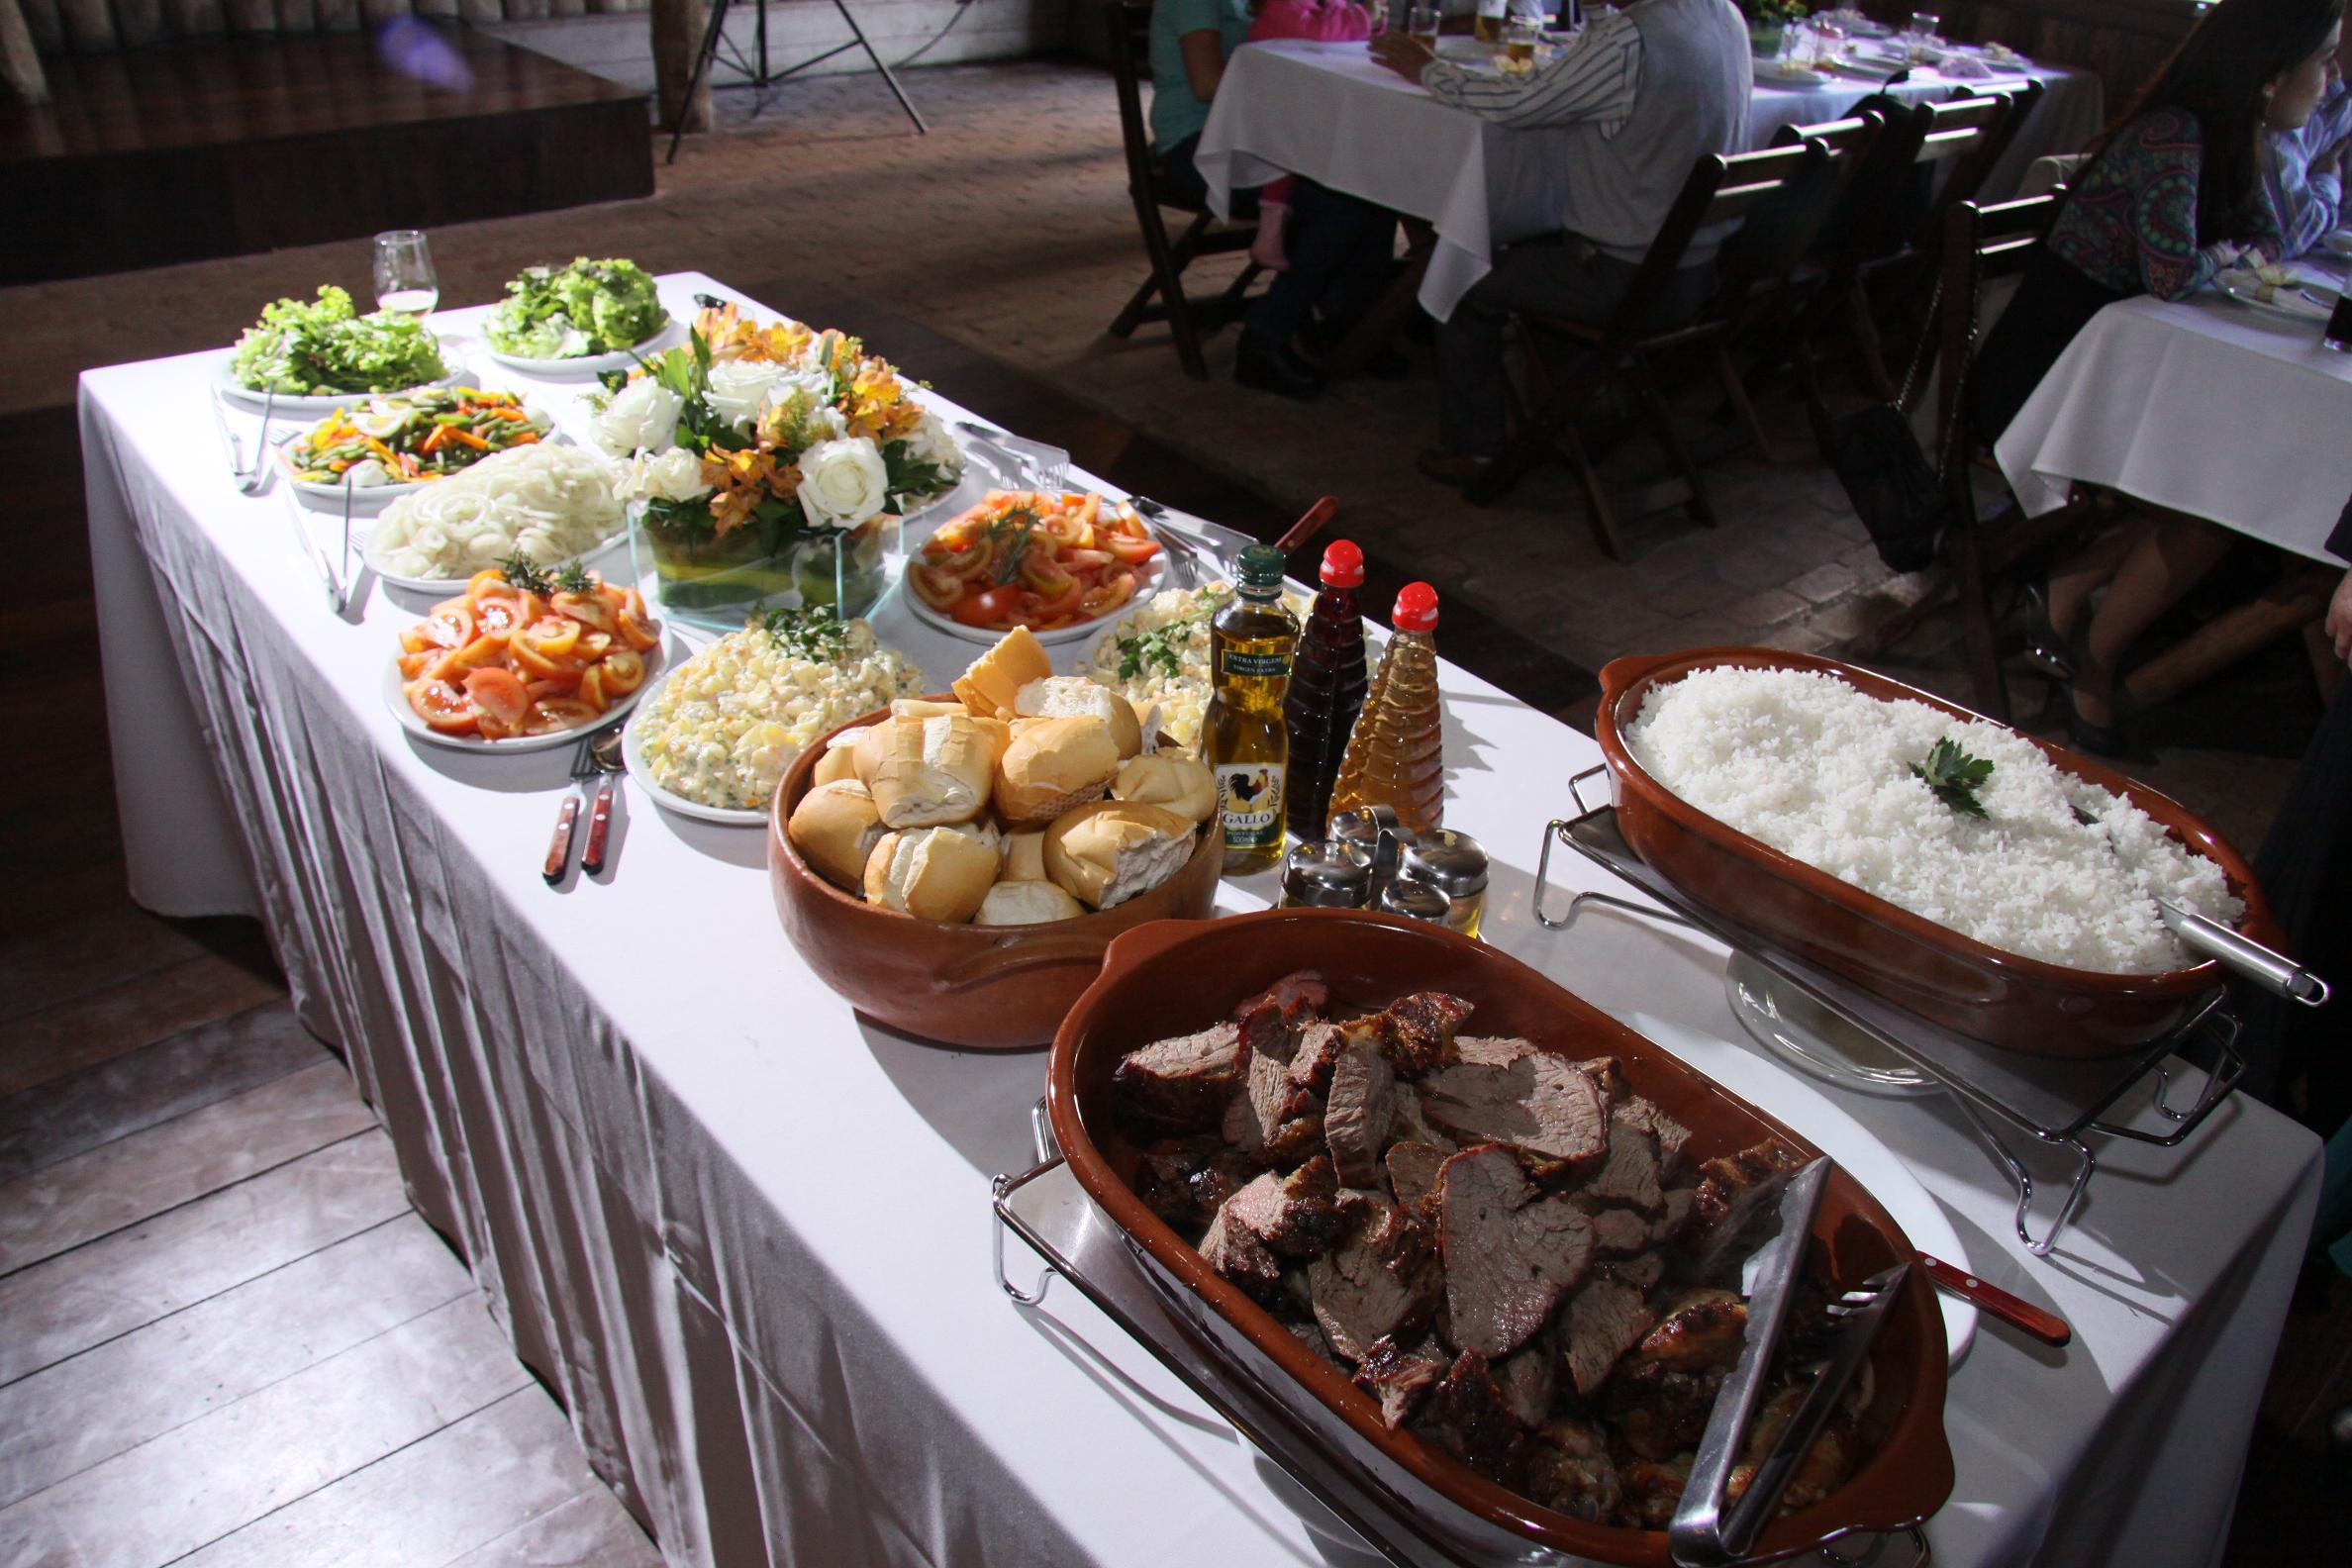 Festa de casamento barata - churrasco ou buffet? bolo de casamento? coquetel? dicas